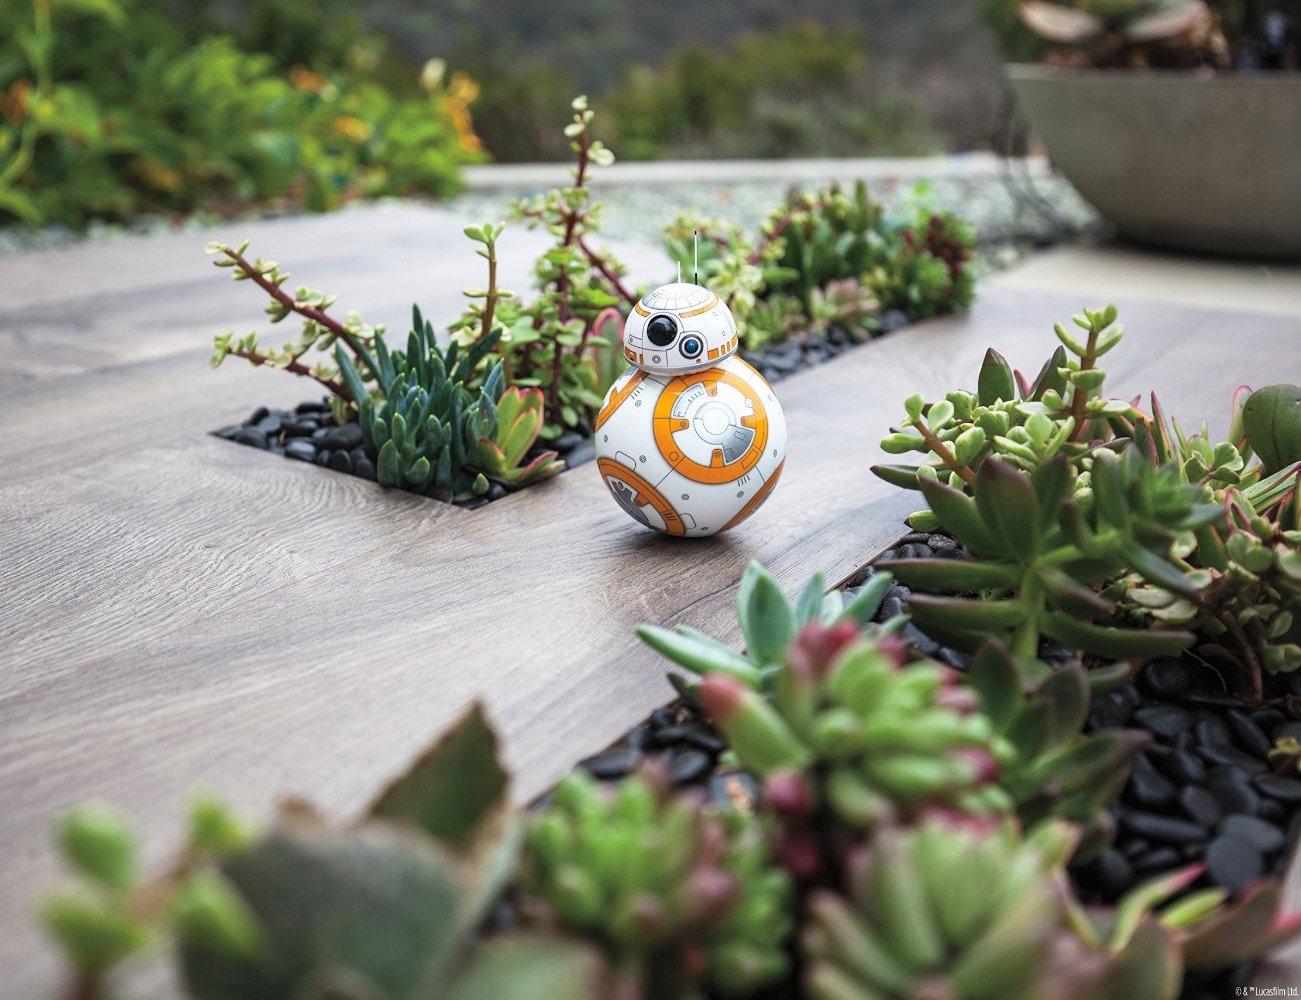 sphero-bb-8-ultimate-star-wars-droid-01